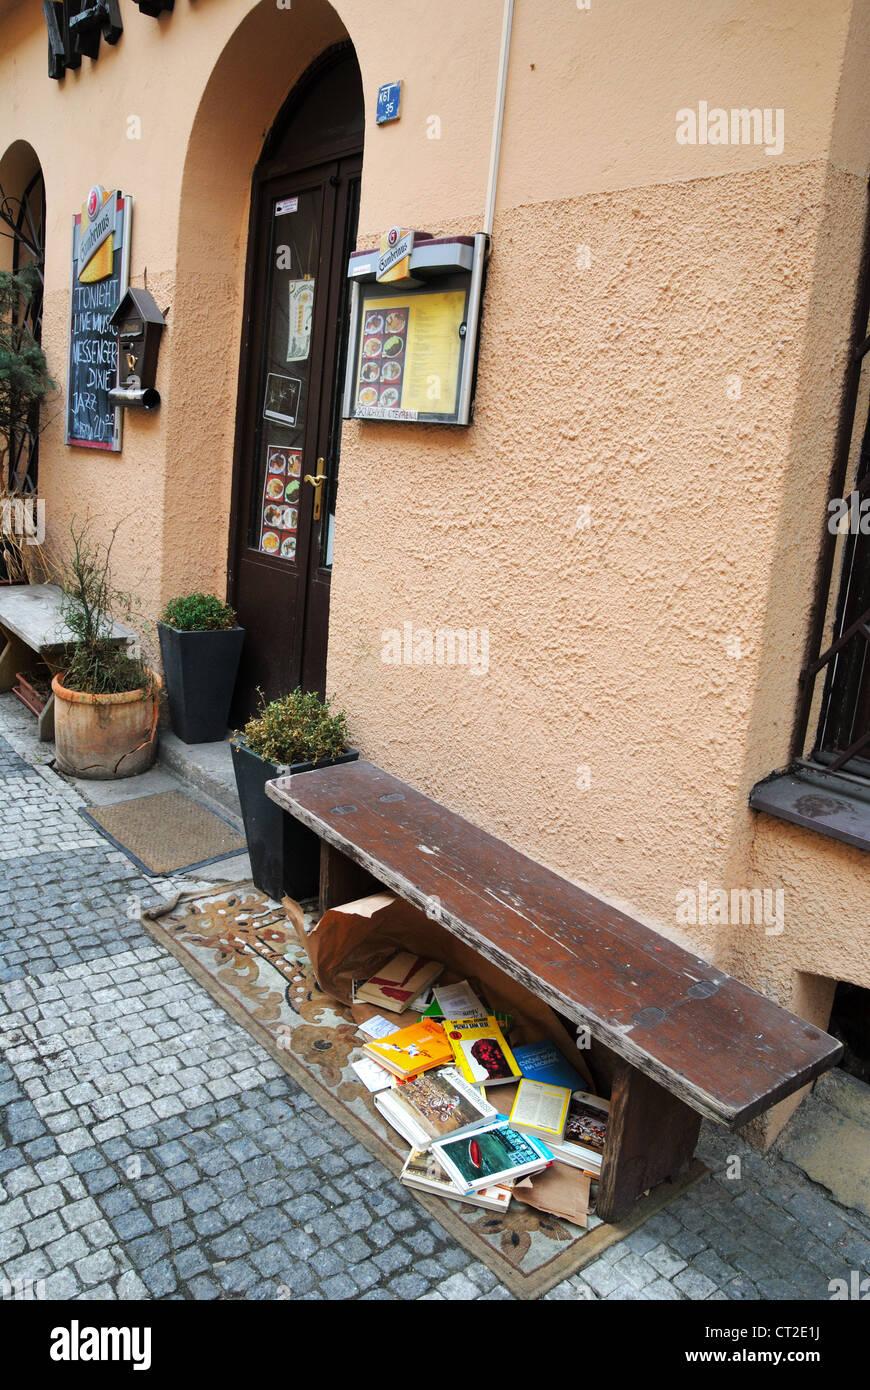 Book exchange place, Prague, Czech Republic - Mar 2011 - Stock Image